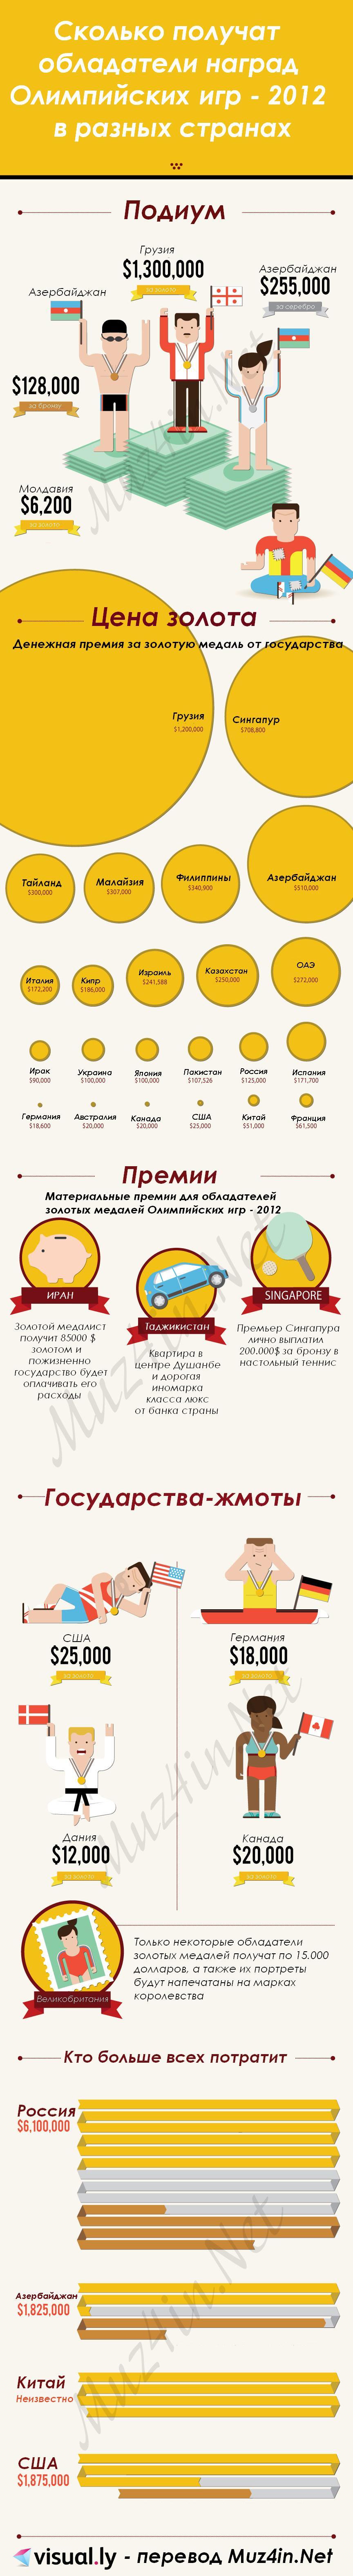 Инфографика: Награды победителям Олимпийских игр